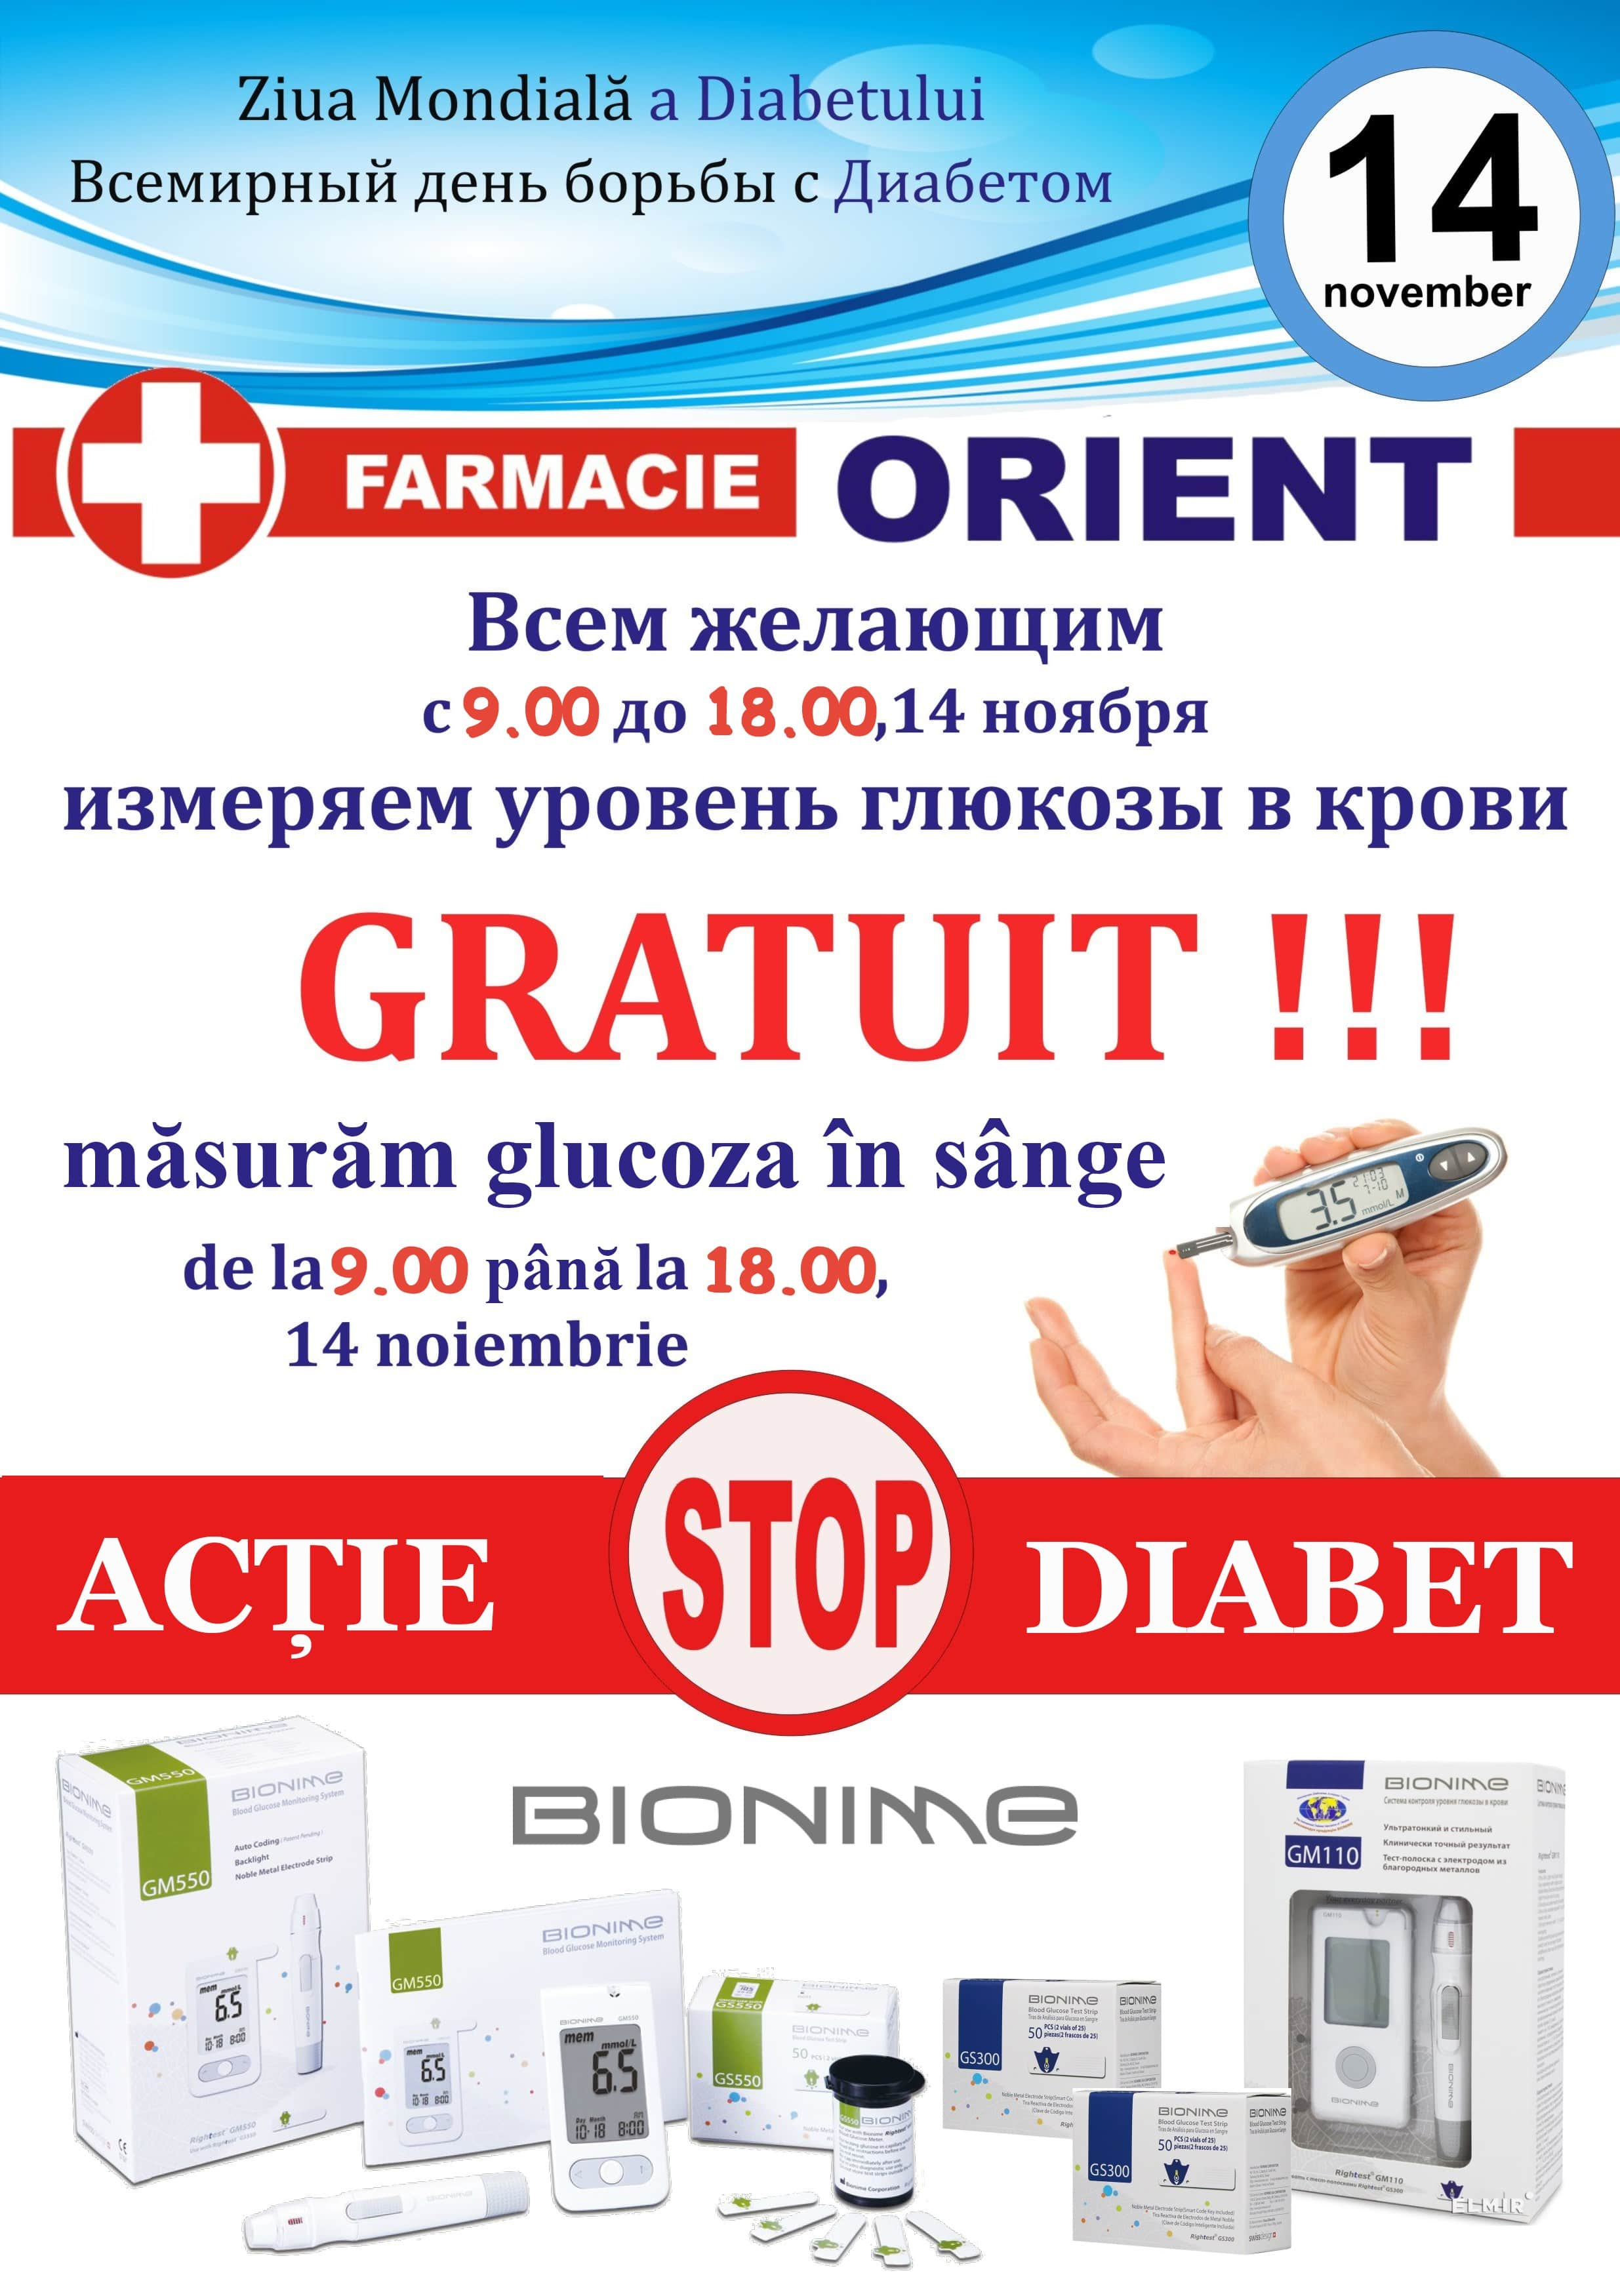 Аптеки Orient: бесплатное измерение уровня глюкозы